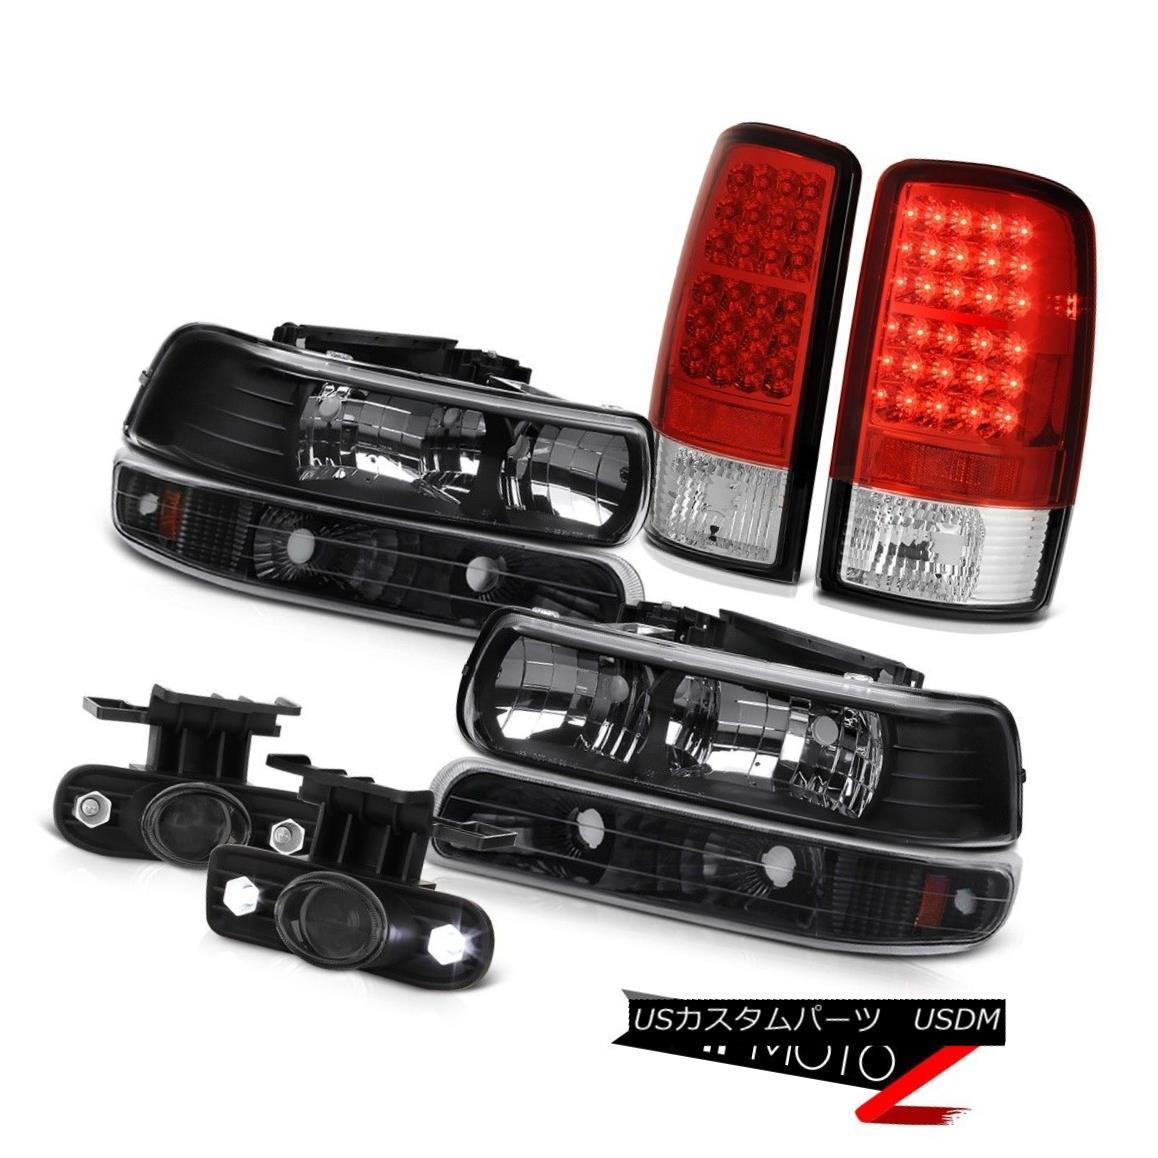 テールライト 00 01 02 03 04 05 06 Suburban 1500 Headlights Bumper Brake Lights Projector Fog 00 01 02 03 04 05 06郊外1500ヘッドライトバンパーブレーキライトプロジェクターフォグ